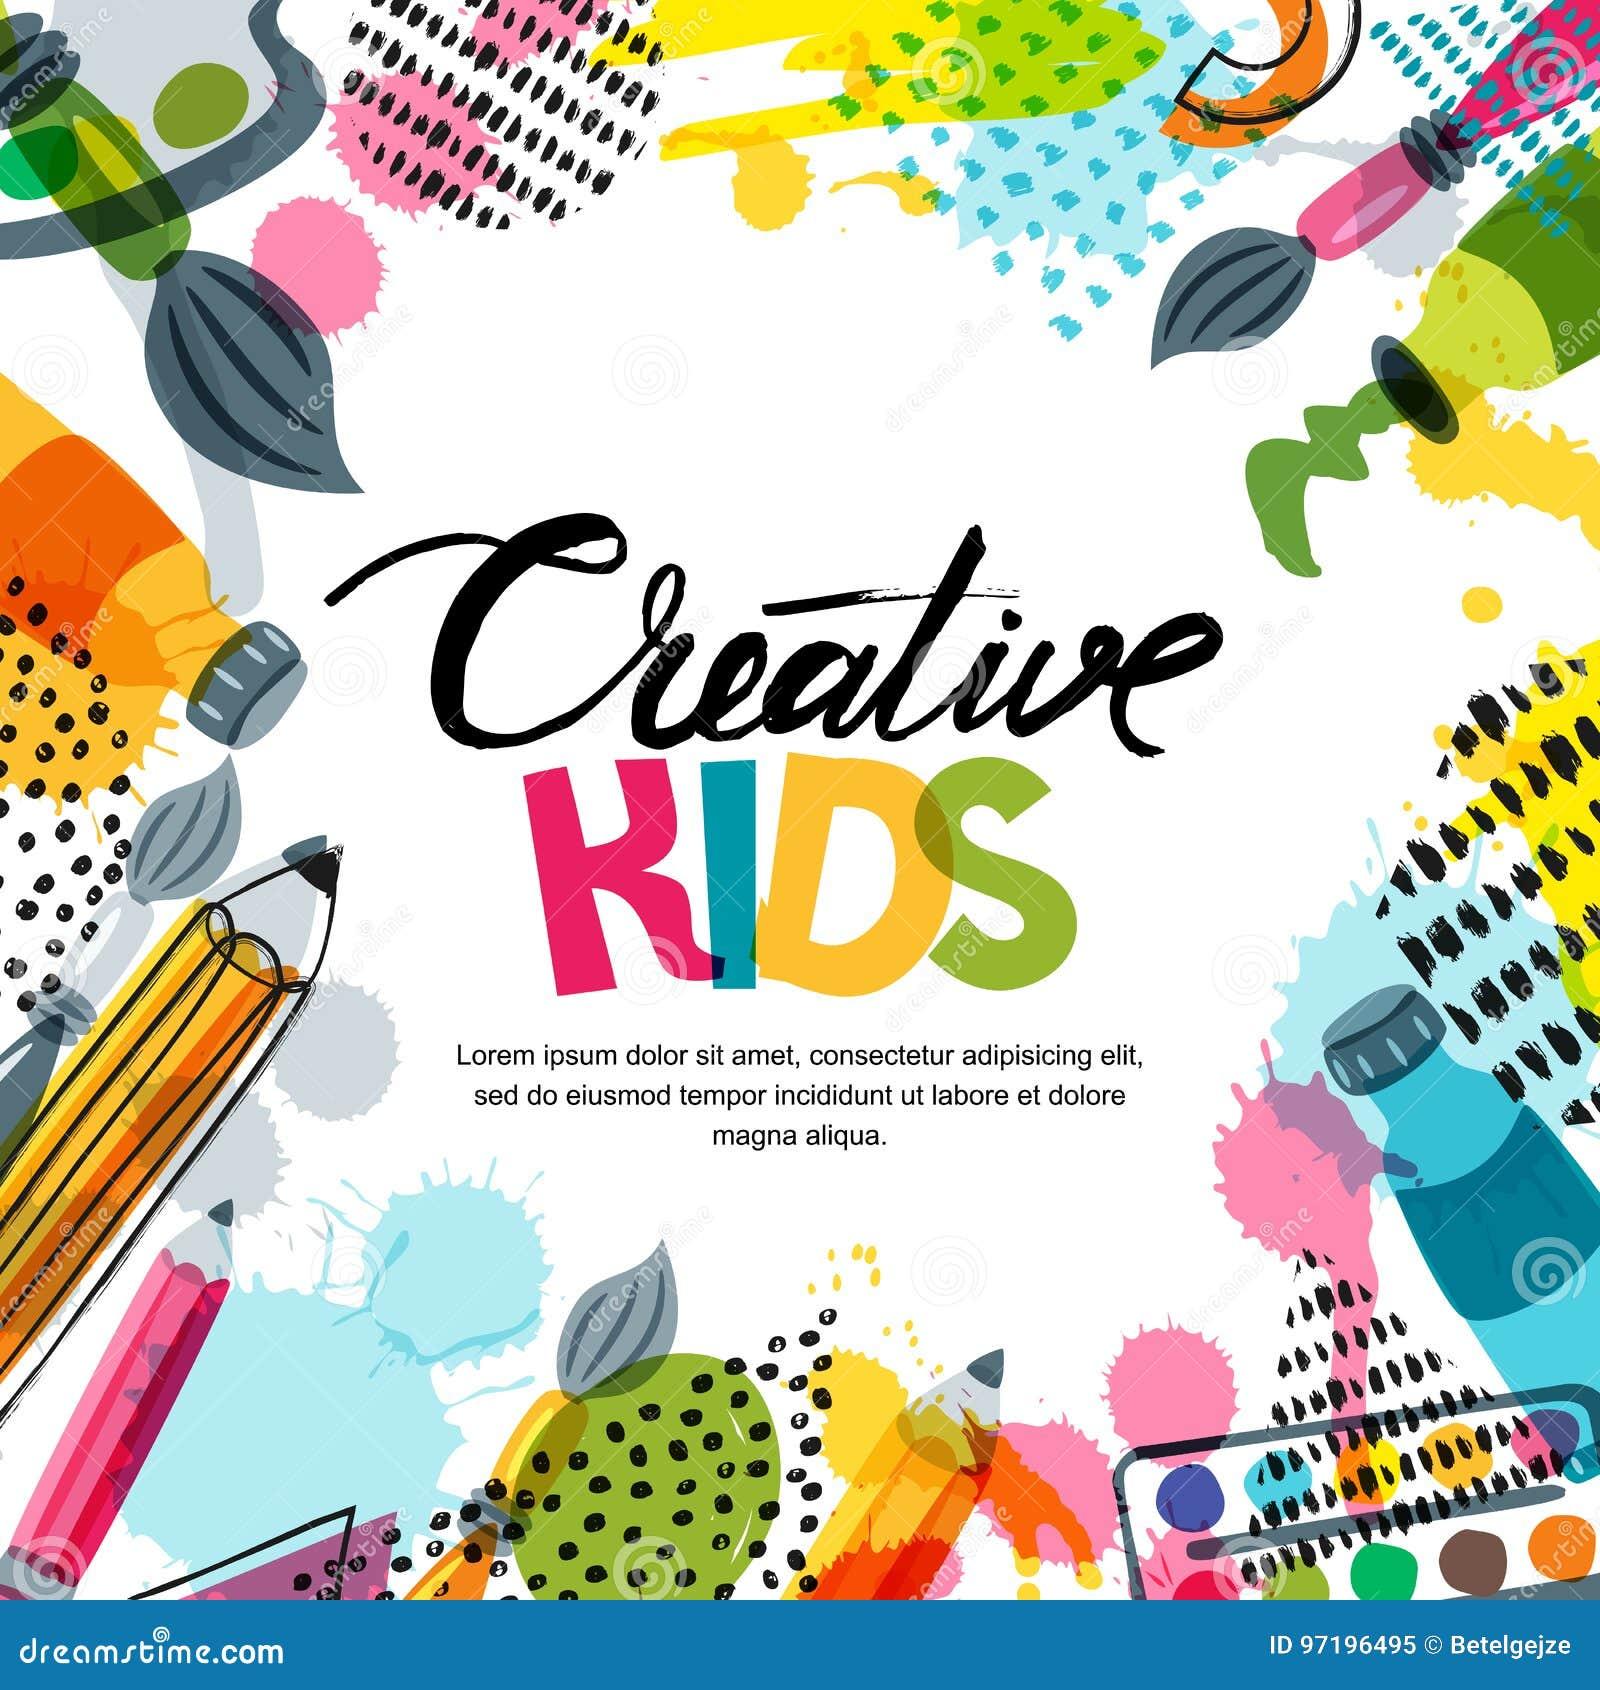 哄骗艺术,教育,创造性类概念 导航横幅,与书法的海报背景,铅笔,刷子,油漆